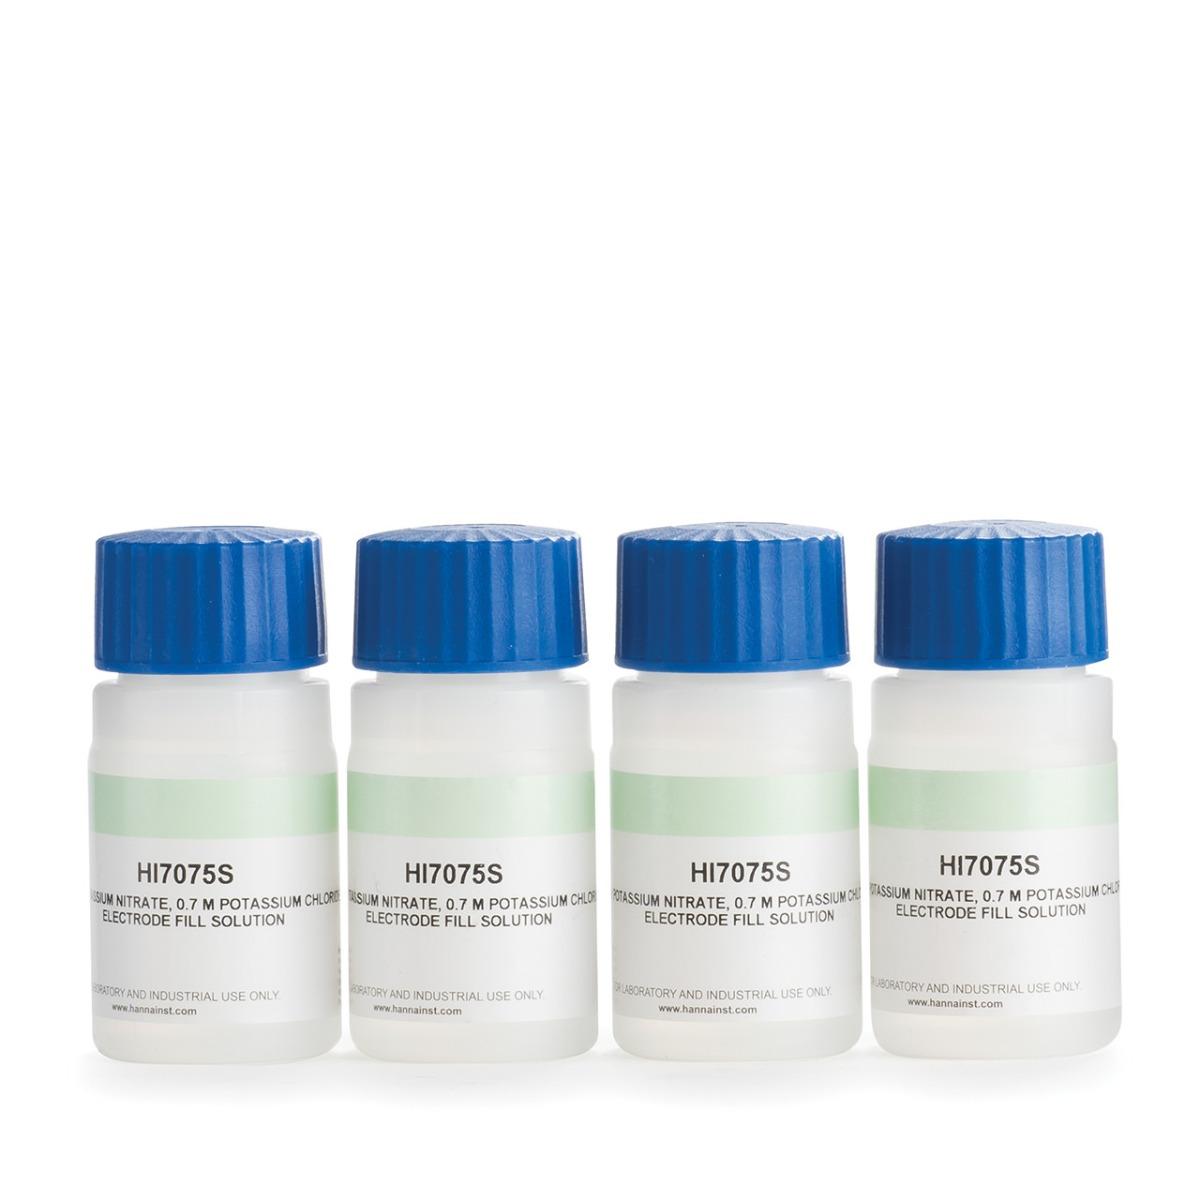 HI7075 Electrolyte Solution 1.7M KNO₃, 0.7M KCl (30 mL x 4)